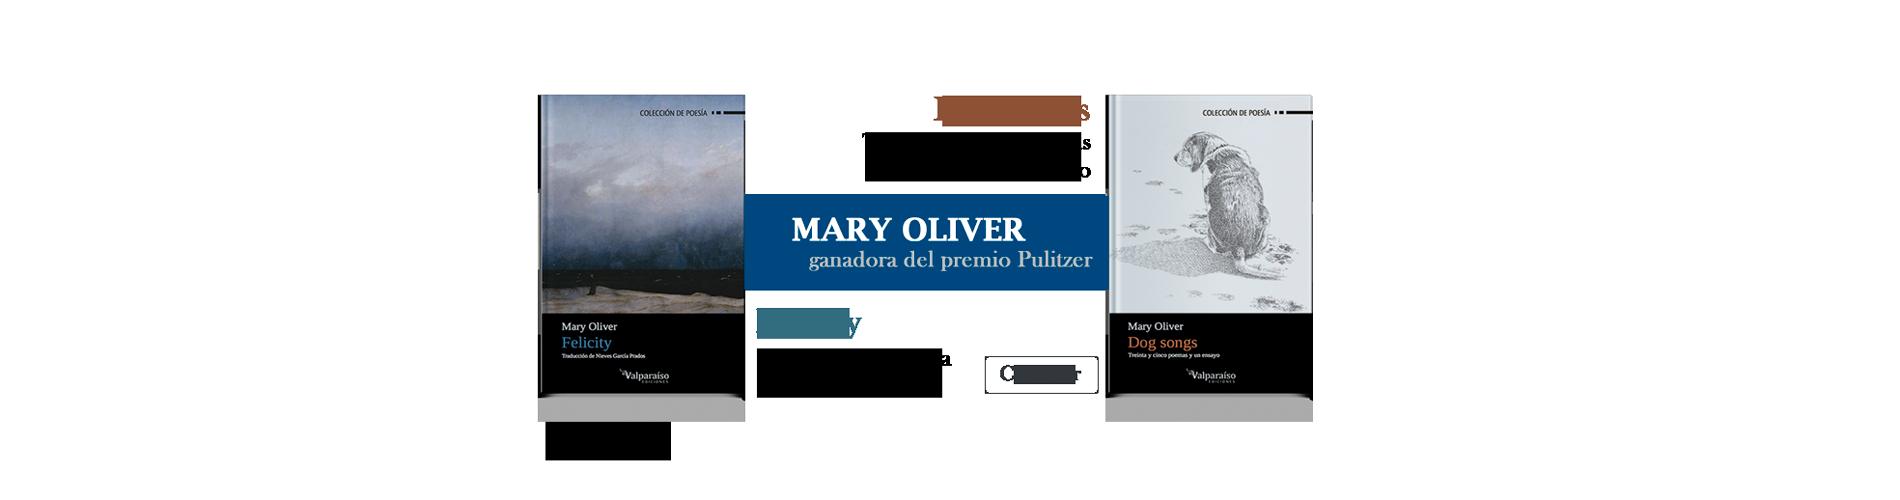 Mary Oliver, ganadora del premio Pulitzer